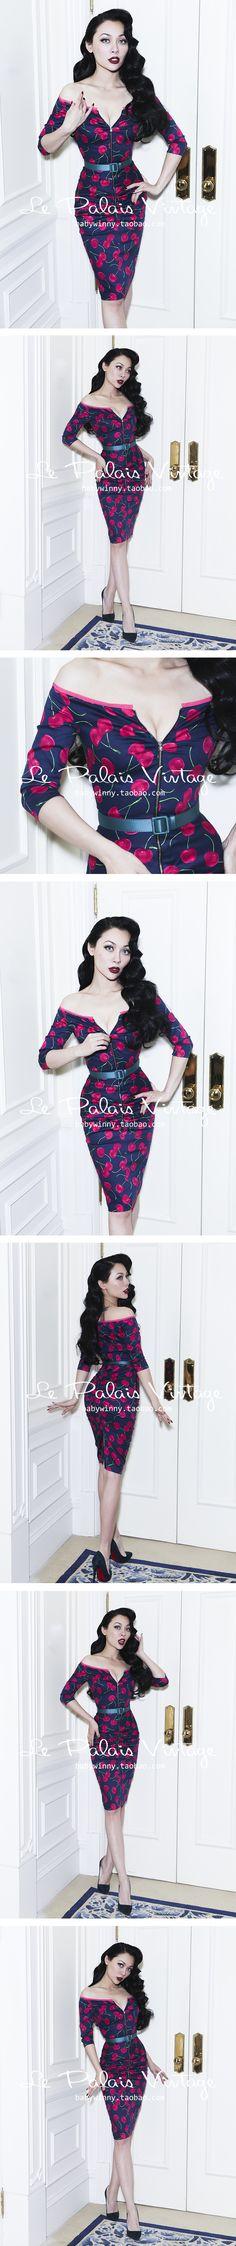 Rosina Revelle Vintage Glamour Girls Pinterest